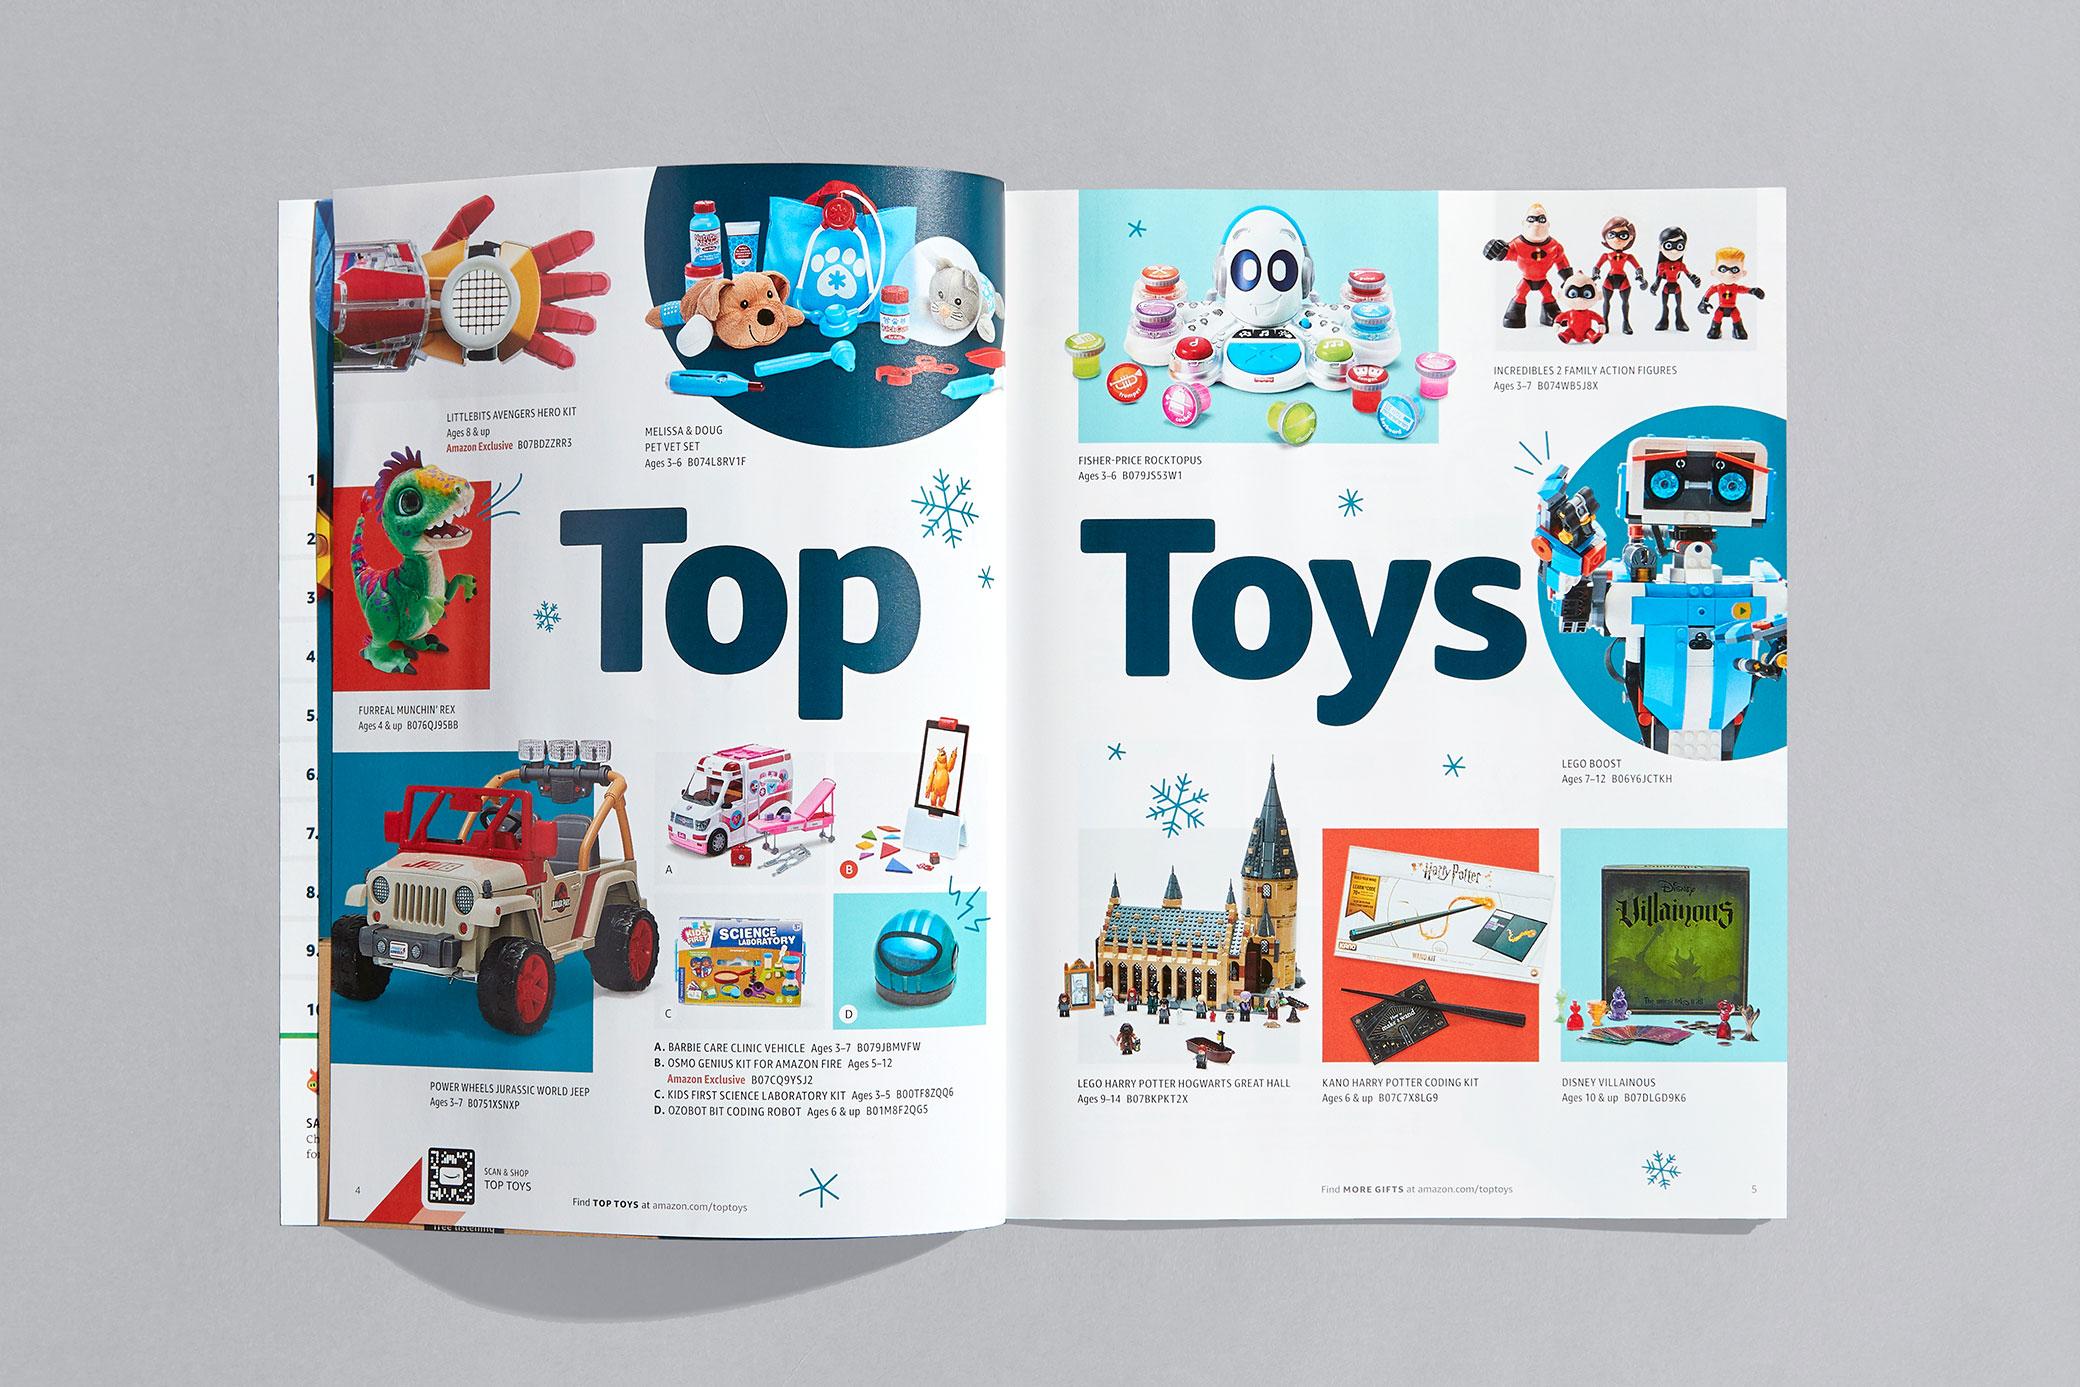 TopToys_ToysCatalog2018_2080x